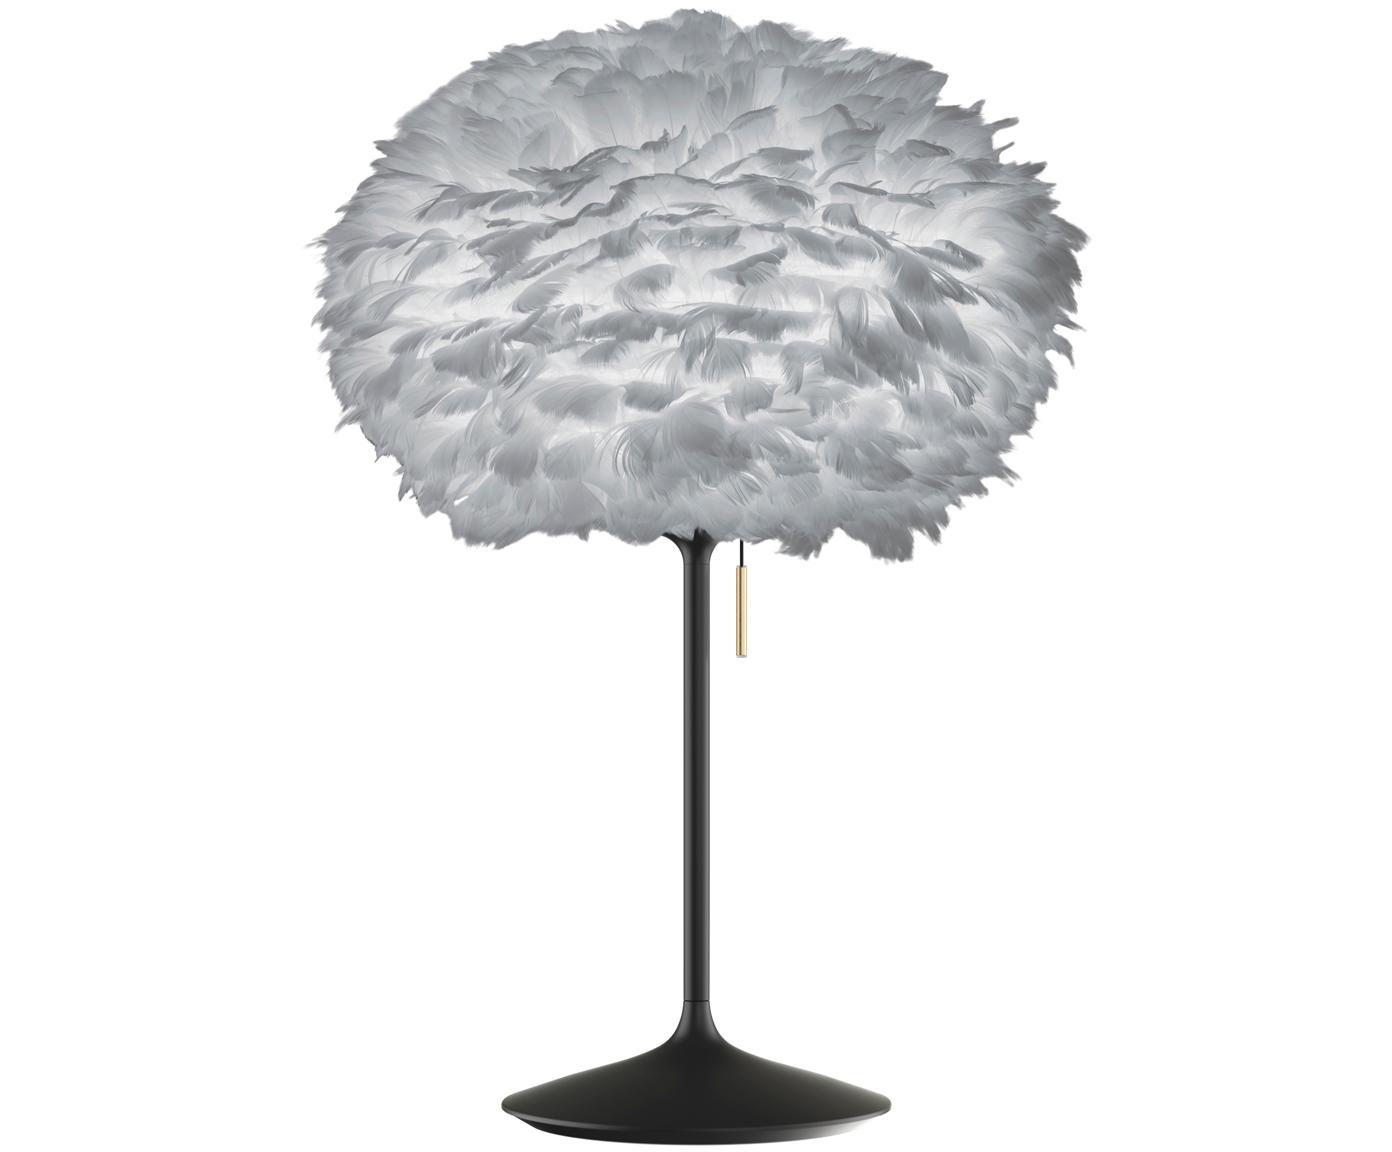 Lámpara de mesa grande Eos Champagne, Pantalla: plumas de ganso, Estructura: acero, Interruptor: metal, latón, Cable: plástico, Gris, negro, Ø 35 x Al 62 cm